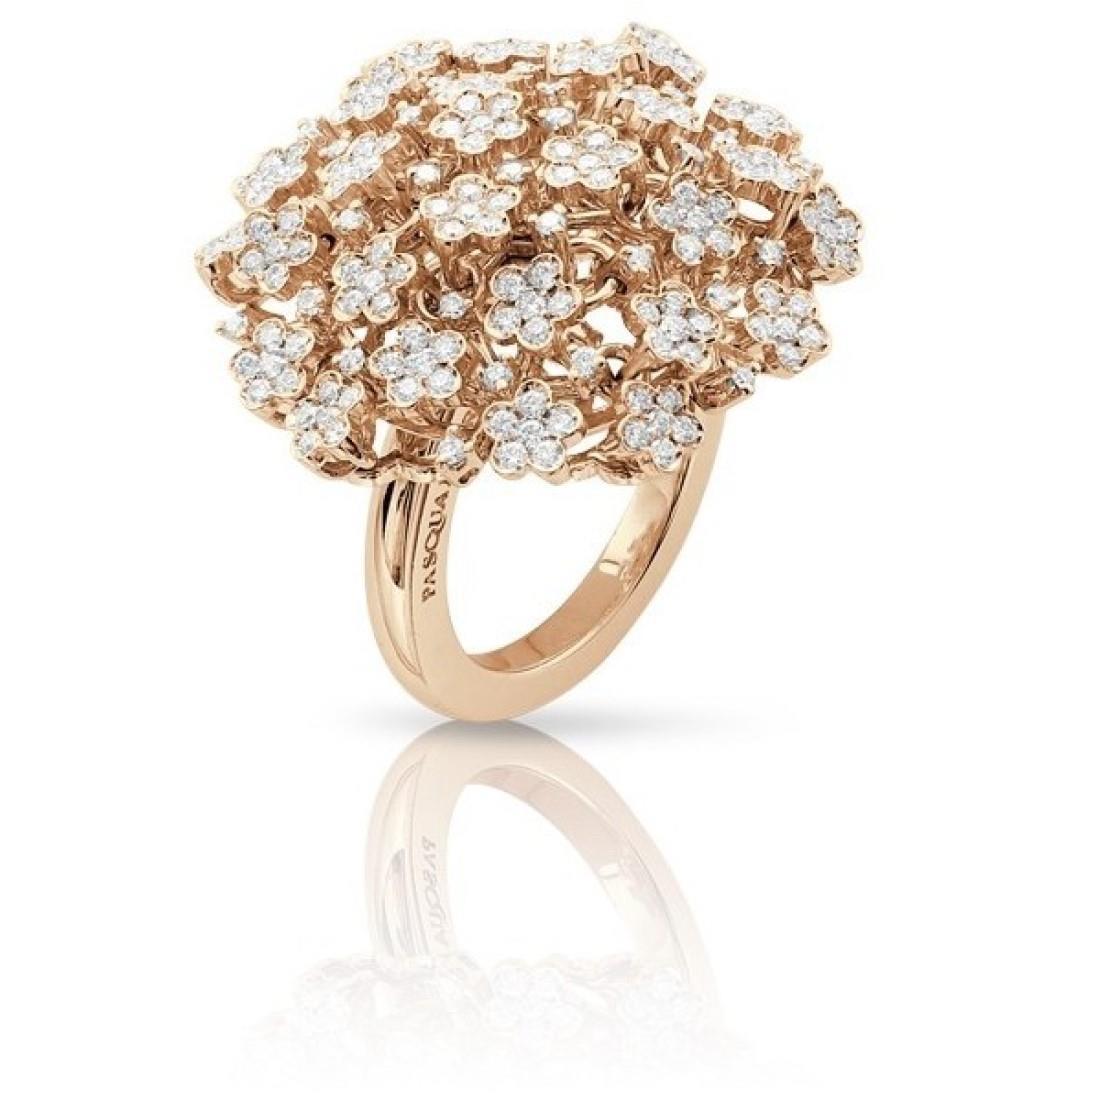 Anello con diamanti - PASQUALE BRUNI